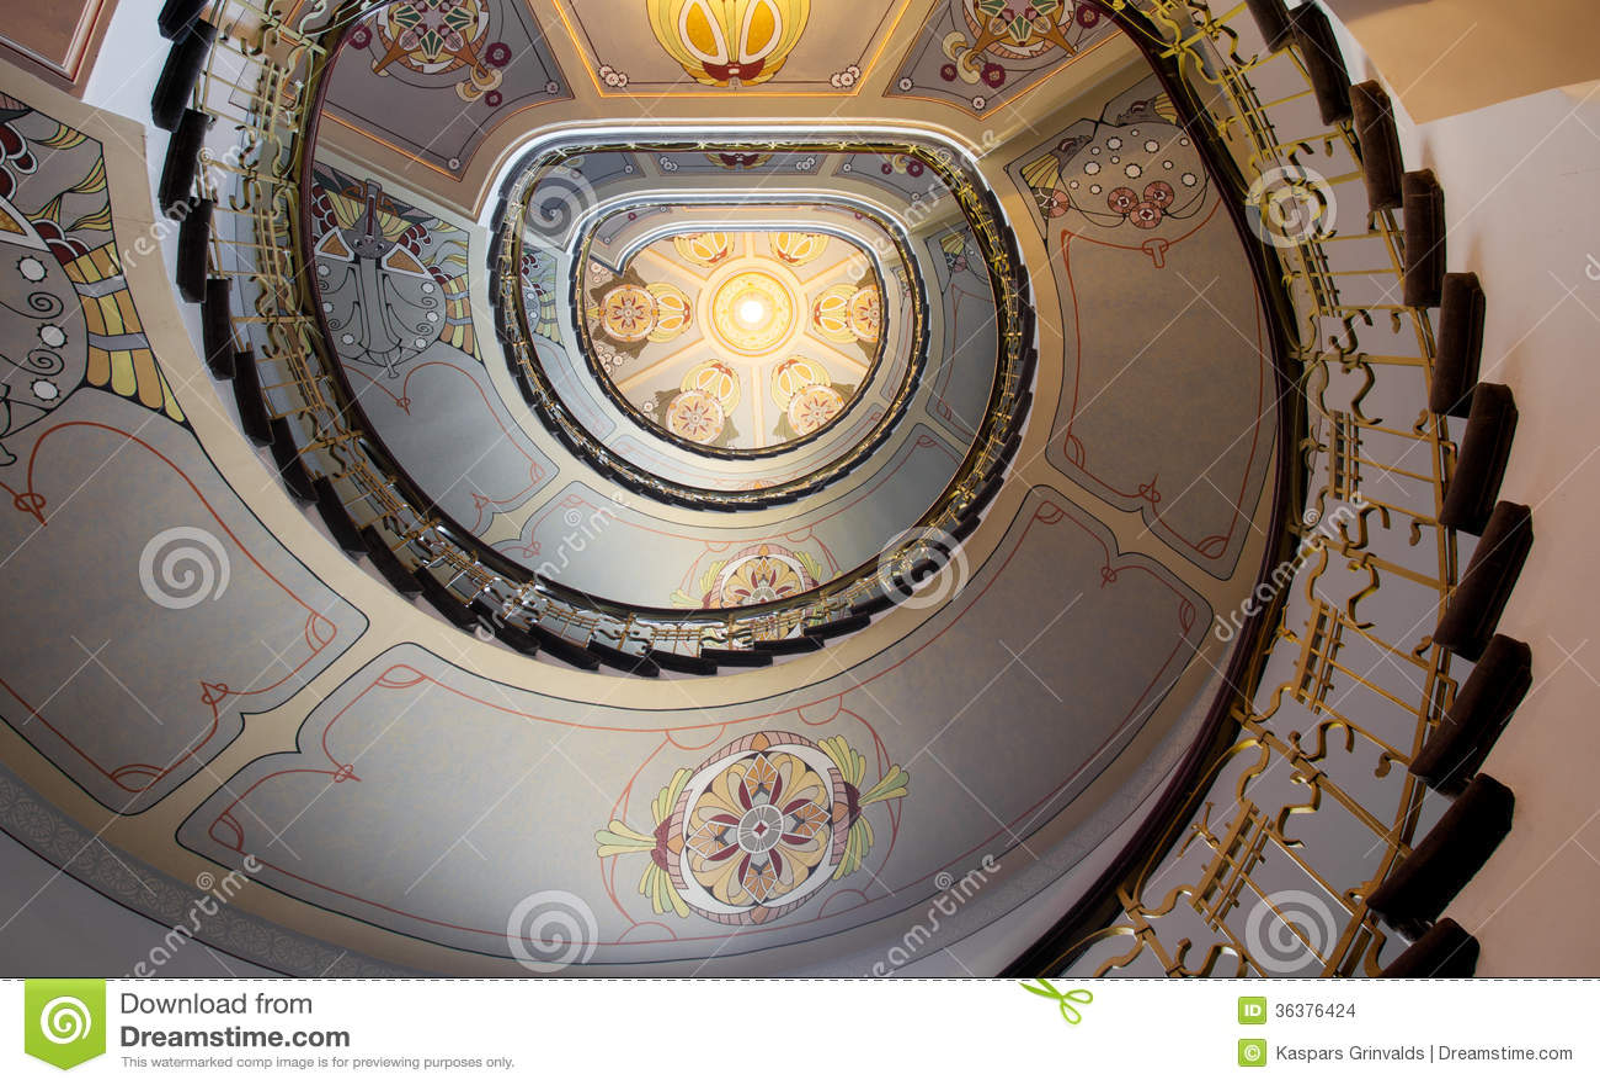 treppe im jugendstil stockbilder bild 36376424. Black Bedroom Furniture Sets. Home Design Ideas